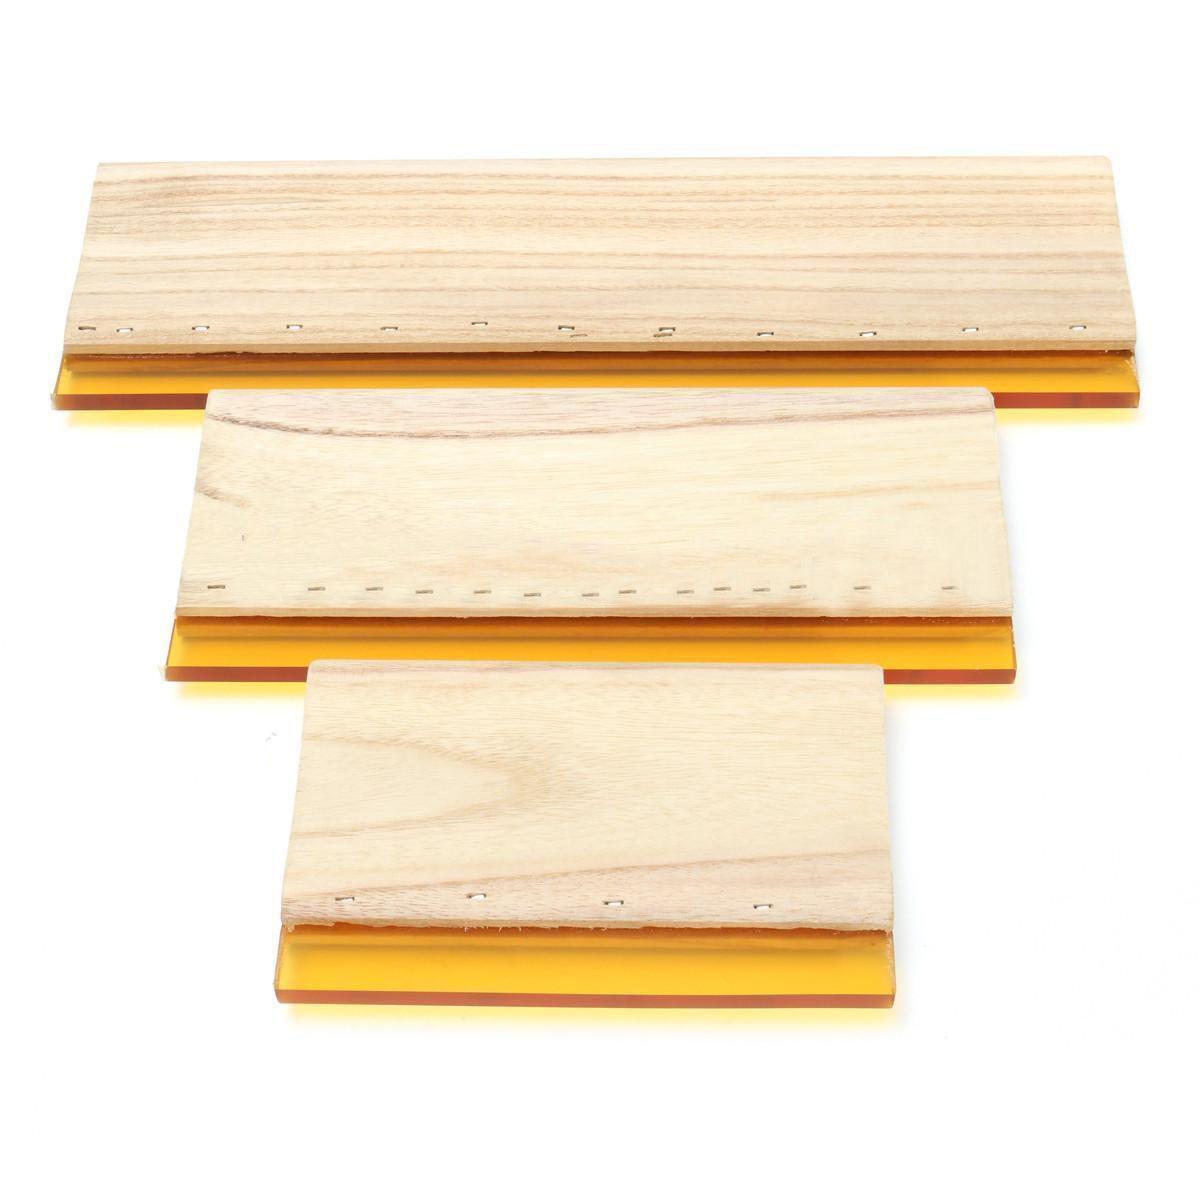 3pcs/lot Silk Screen Printing Squeegee Board Mayitr Wearproof Wood Rubber Ink Scraper Blade Scratch Board Tools 16cm 24cm 33cm